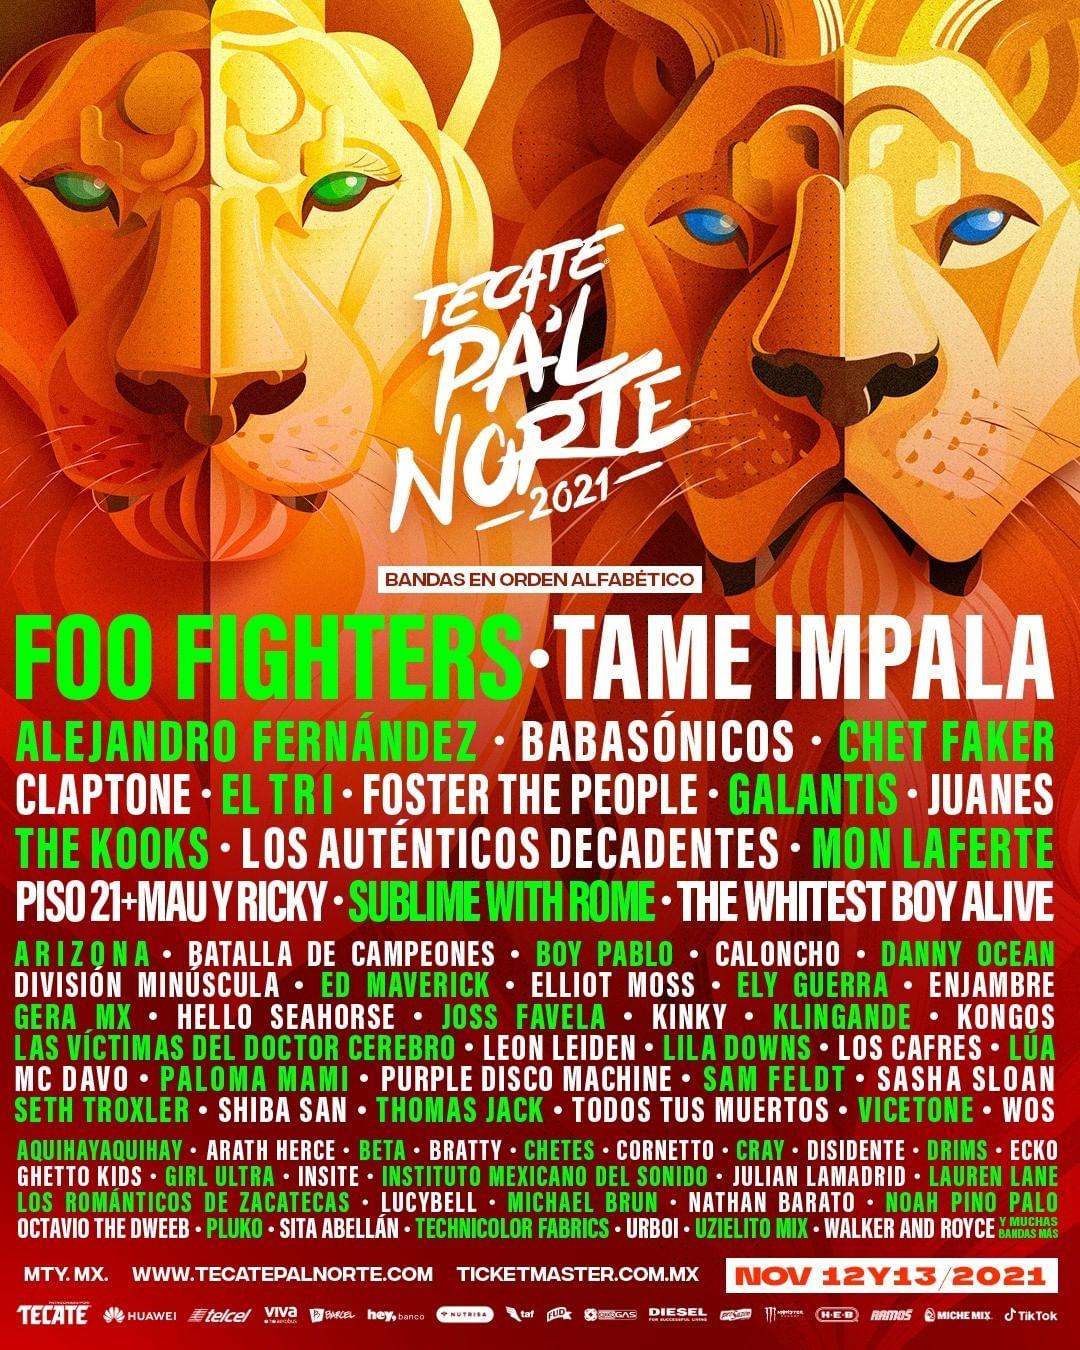 Cartel / Line-up del festival Tecate Pa'l Norte en Monterrey, Nuevo León | Artistas Foo Fighters, Tame Impala, Alejandro Fernández, Babasónicos, Chet Faker